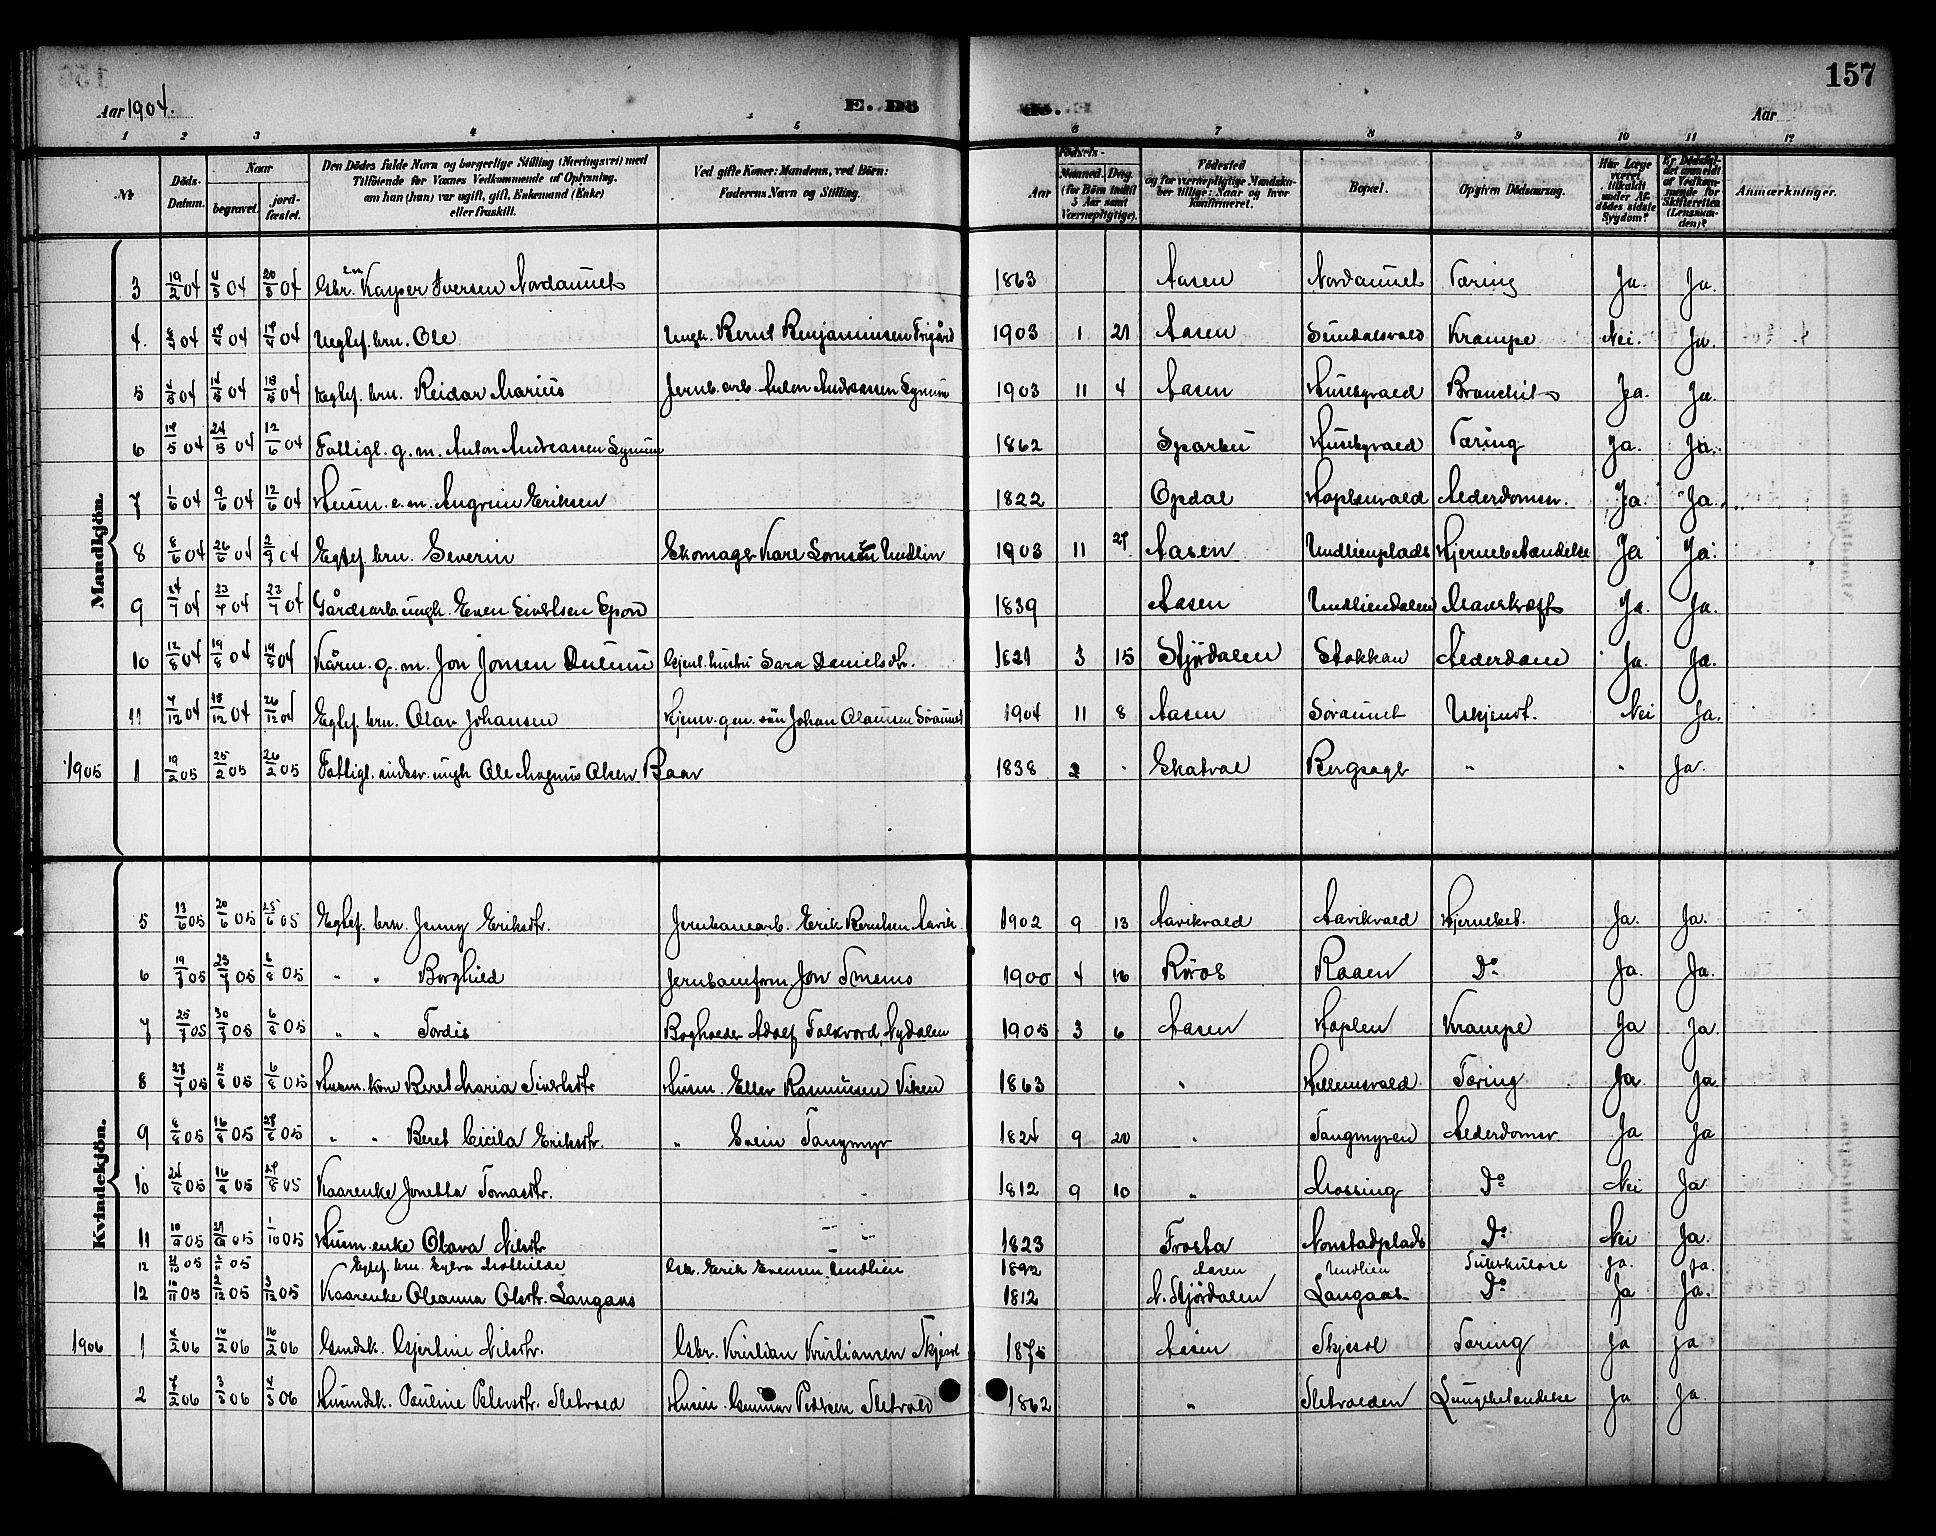 SAT, Ministerialprotokoller, klokkerbøker og fødselsregistre - Nord-Trøndelag, 714/L0135: Klokkerbok nr. 714C04, 1899-1918, s. 157